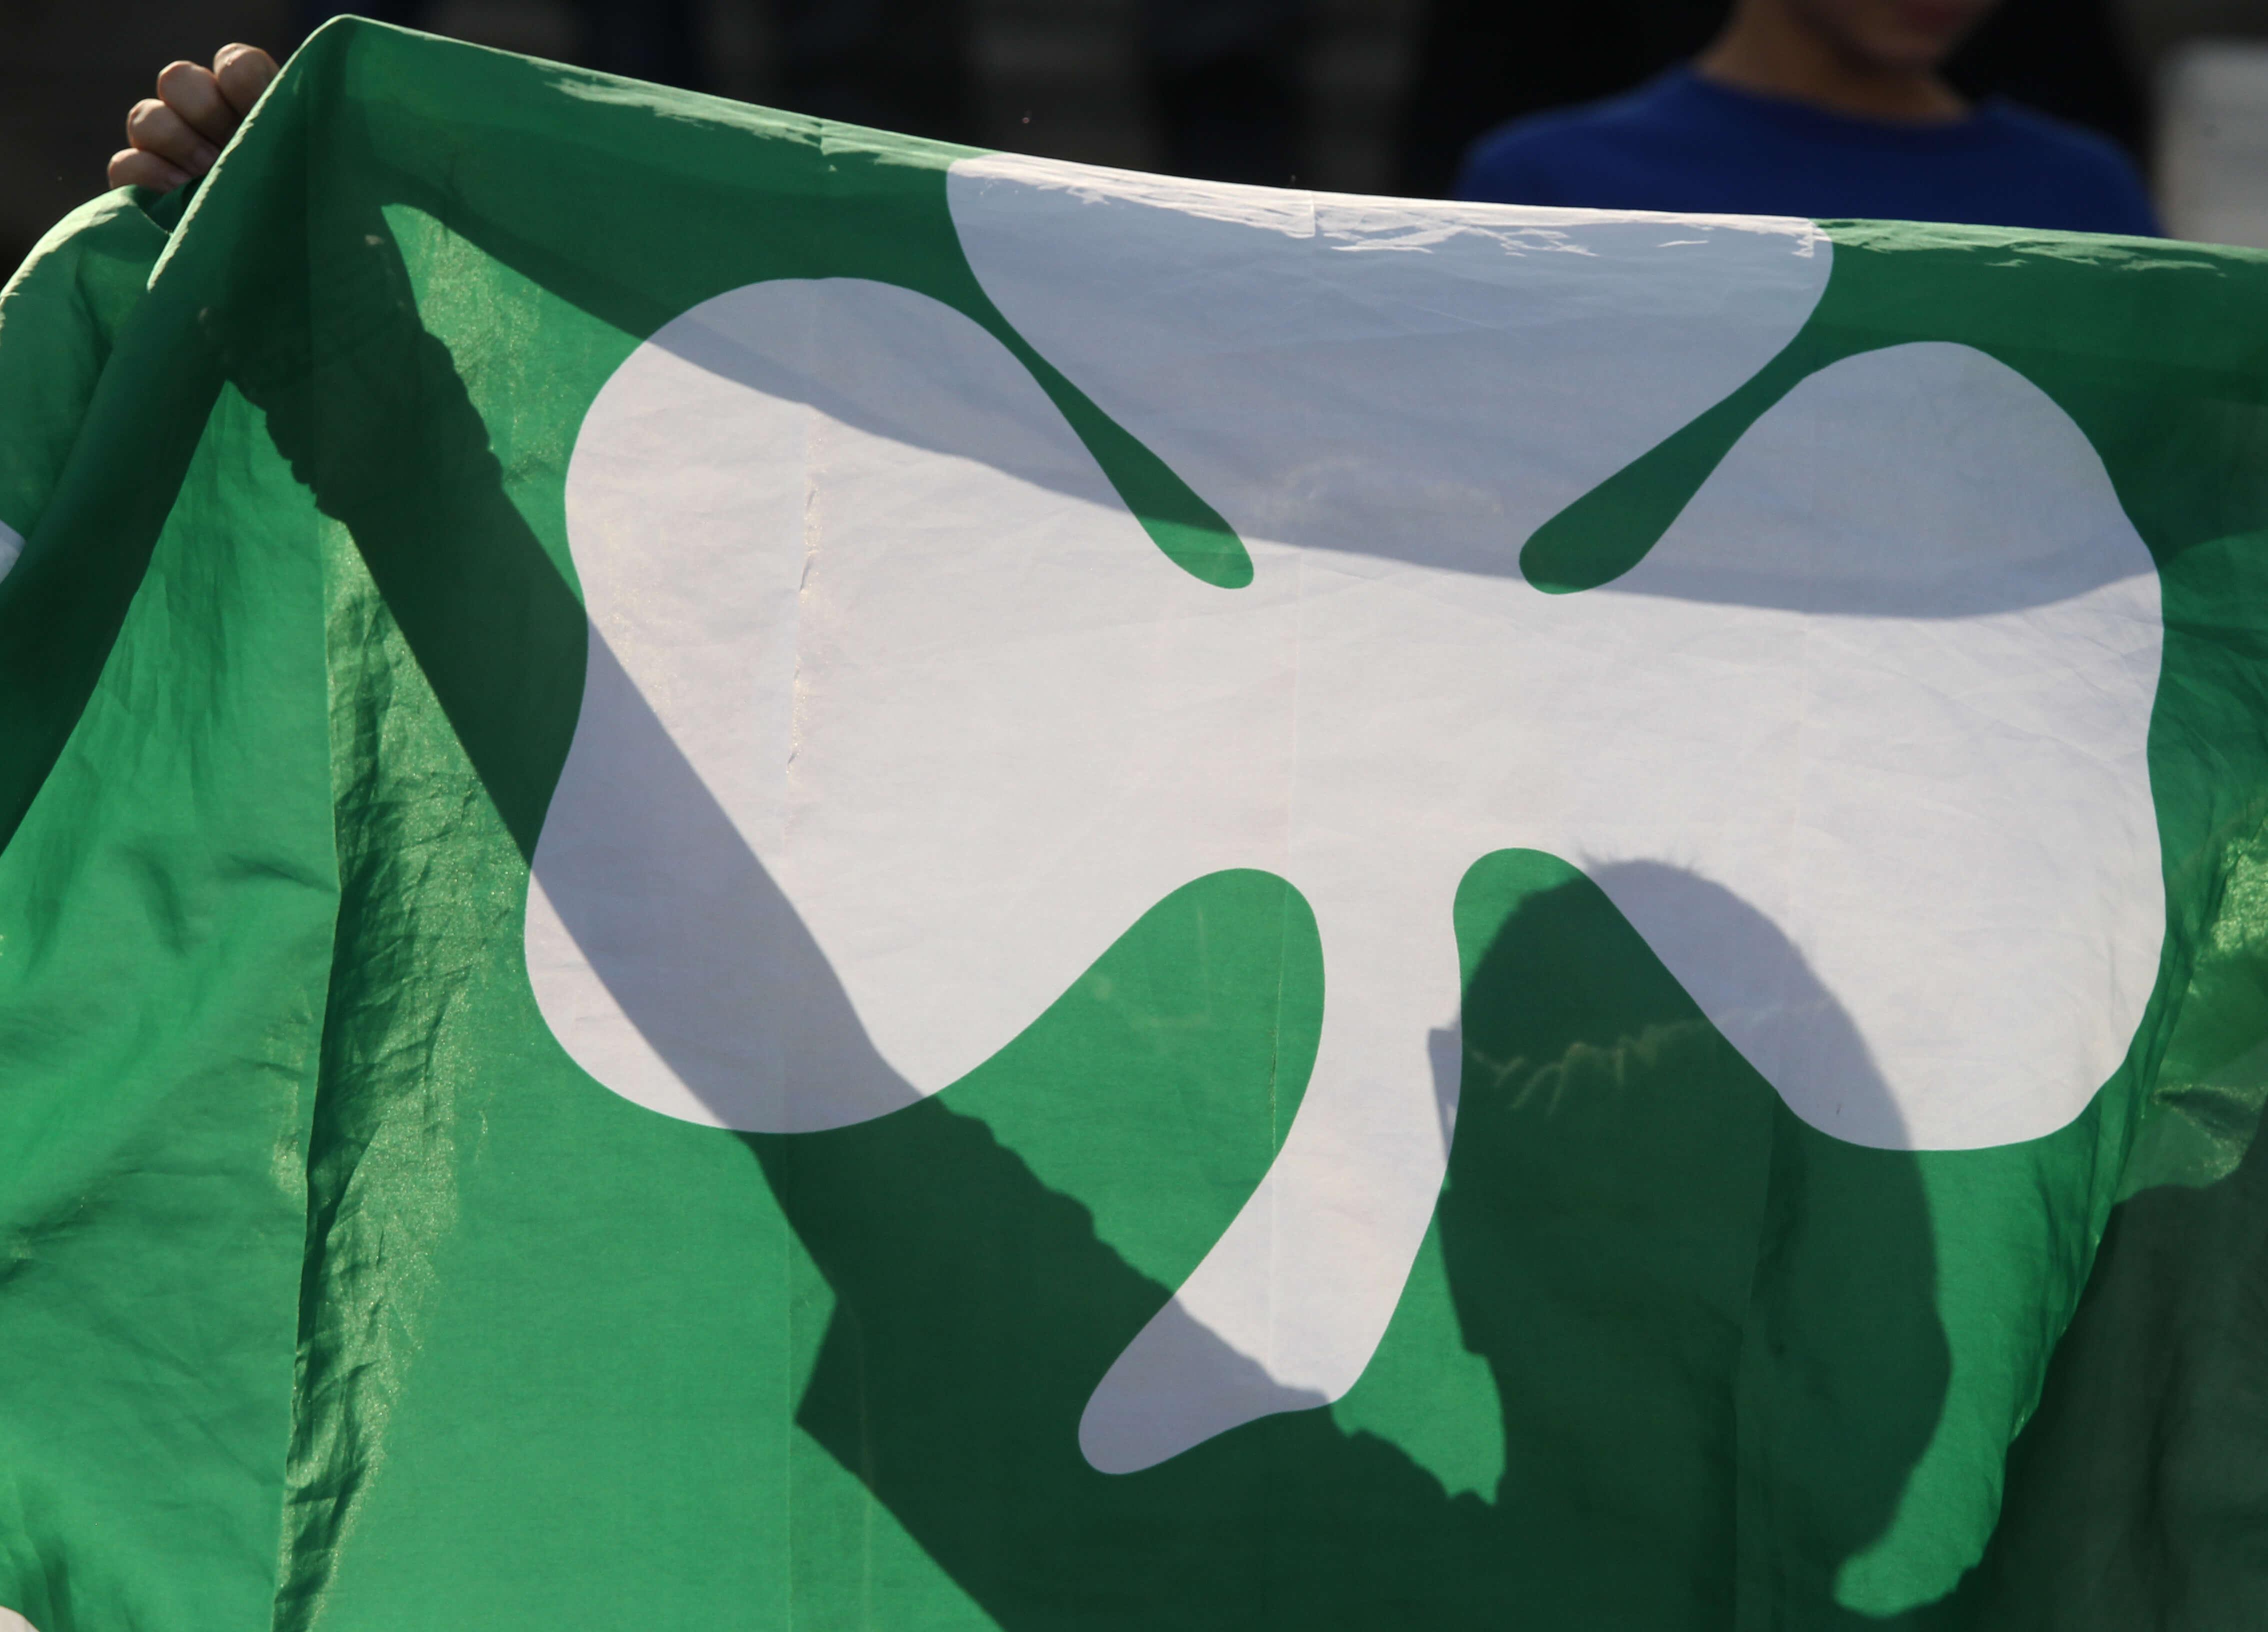 Παναθηναϊκός: Αγιασμός στη Λεωφόρο για ΑΟ και ΚΑΕ!